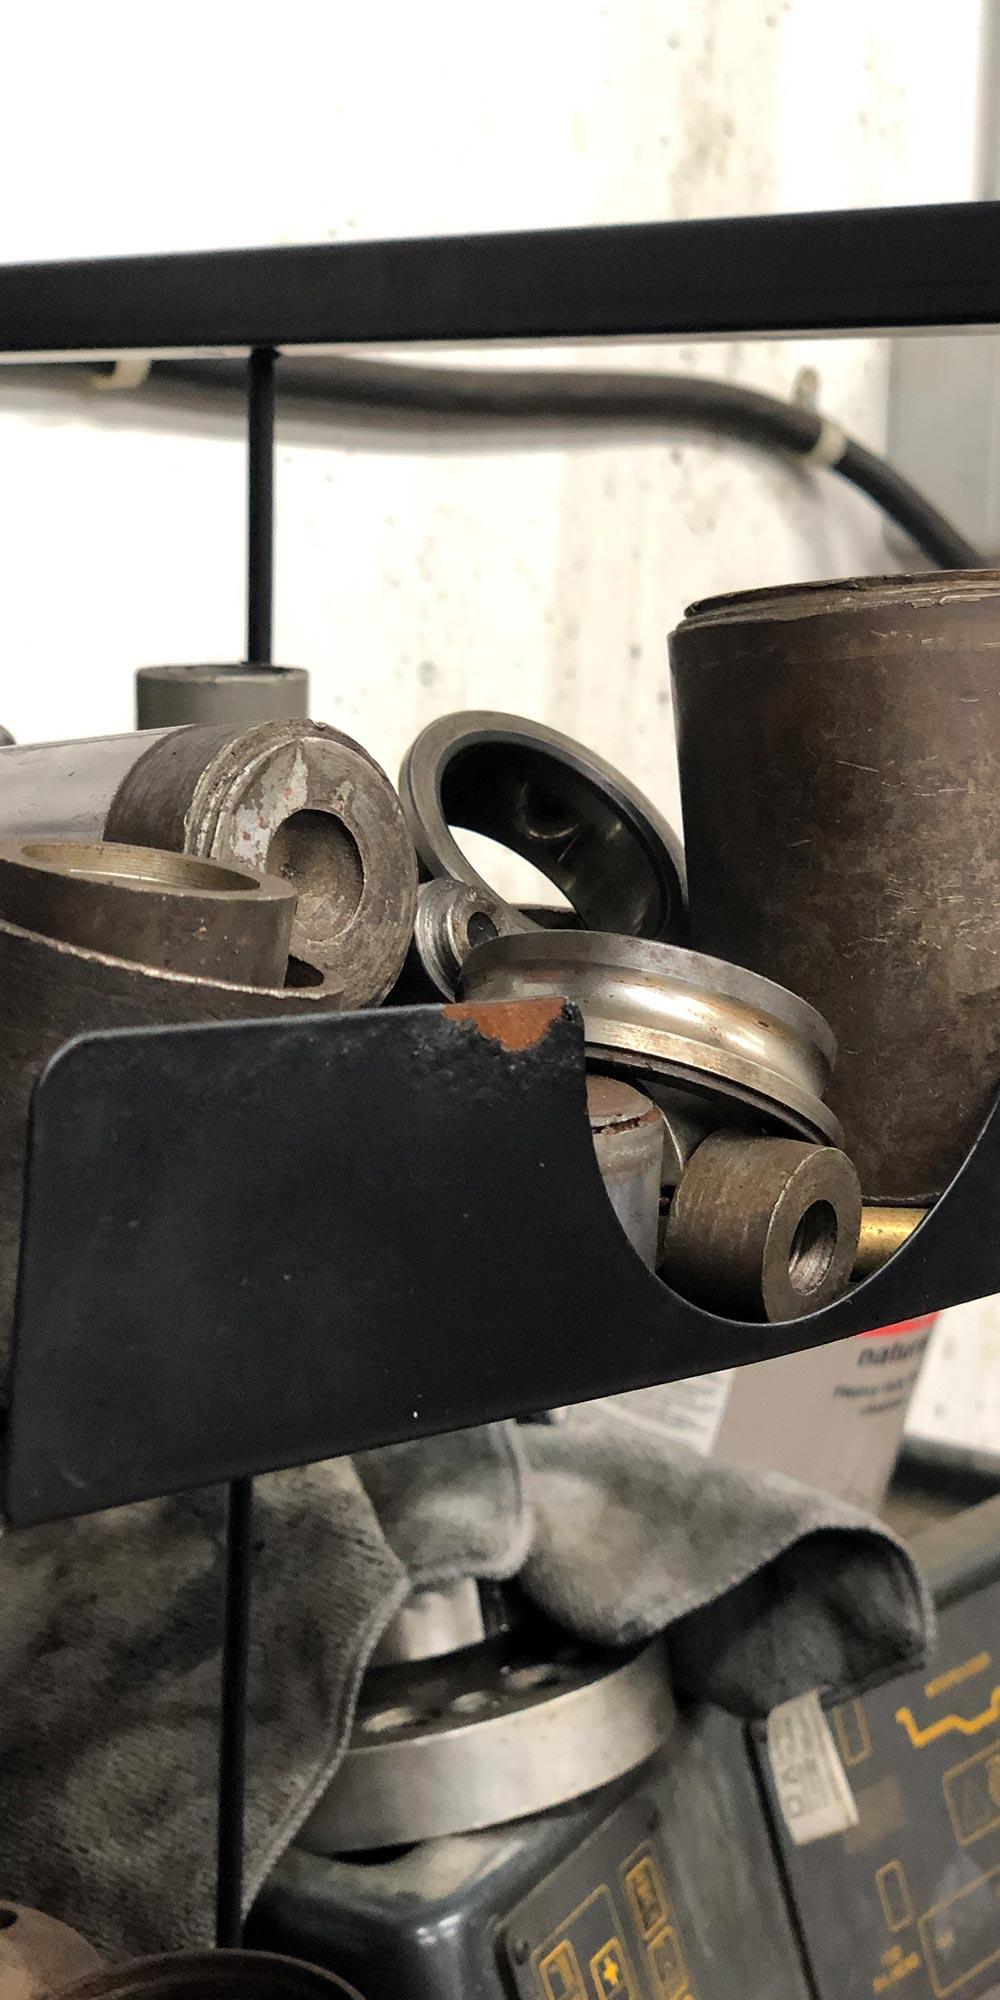 close up of a variety of press tools at topcats racing workshop